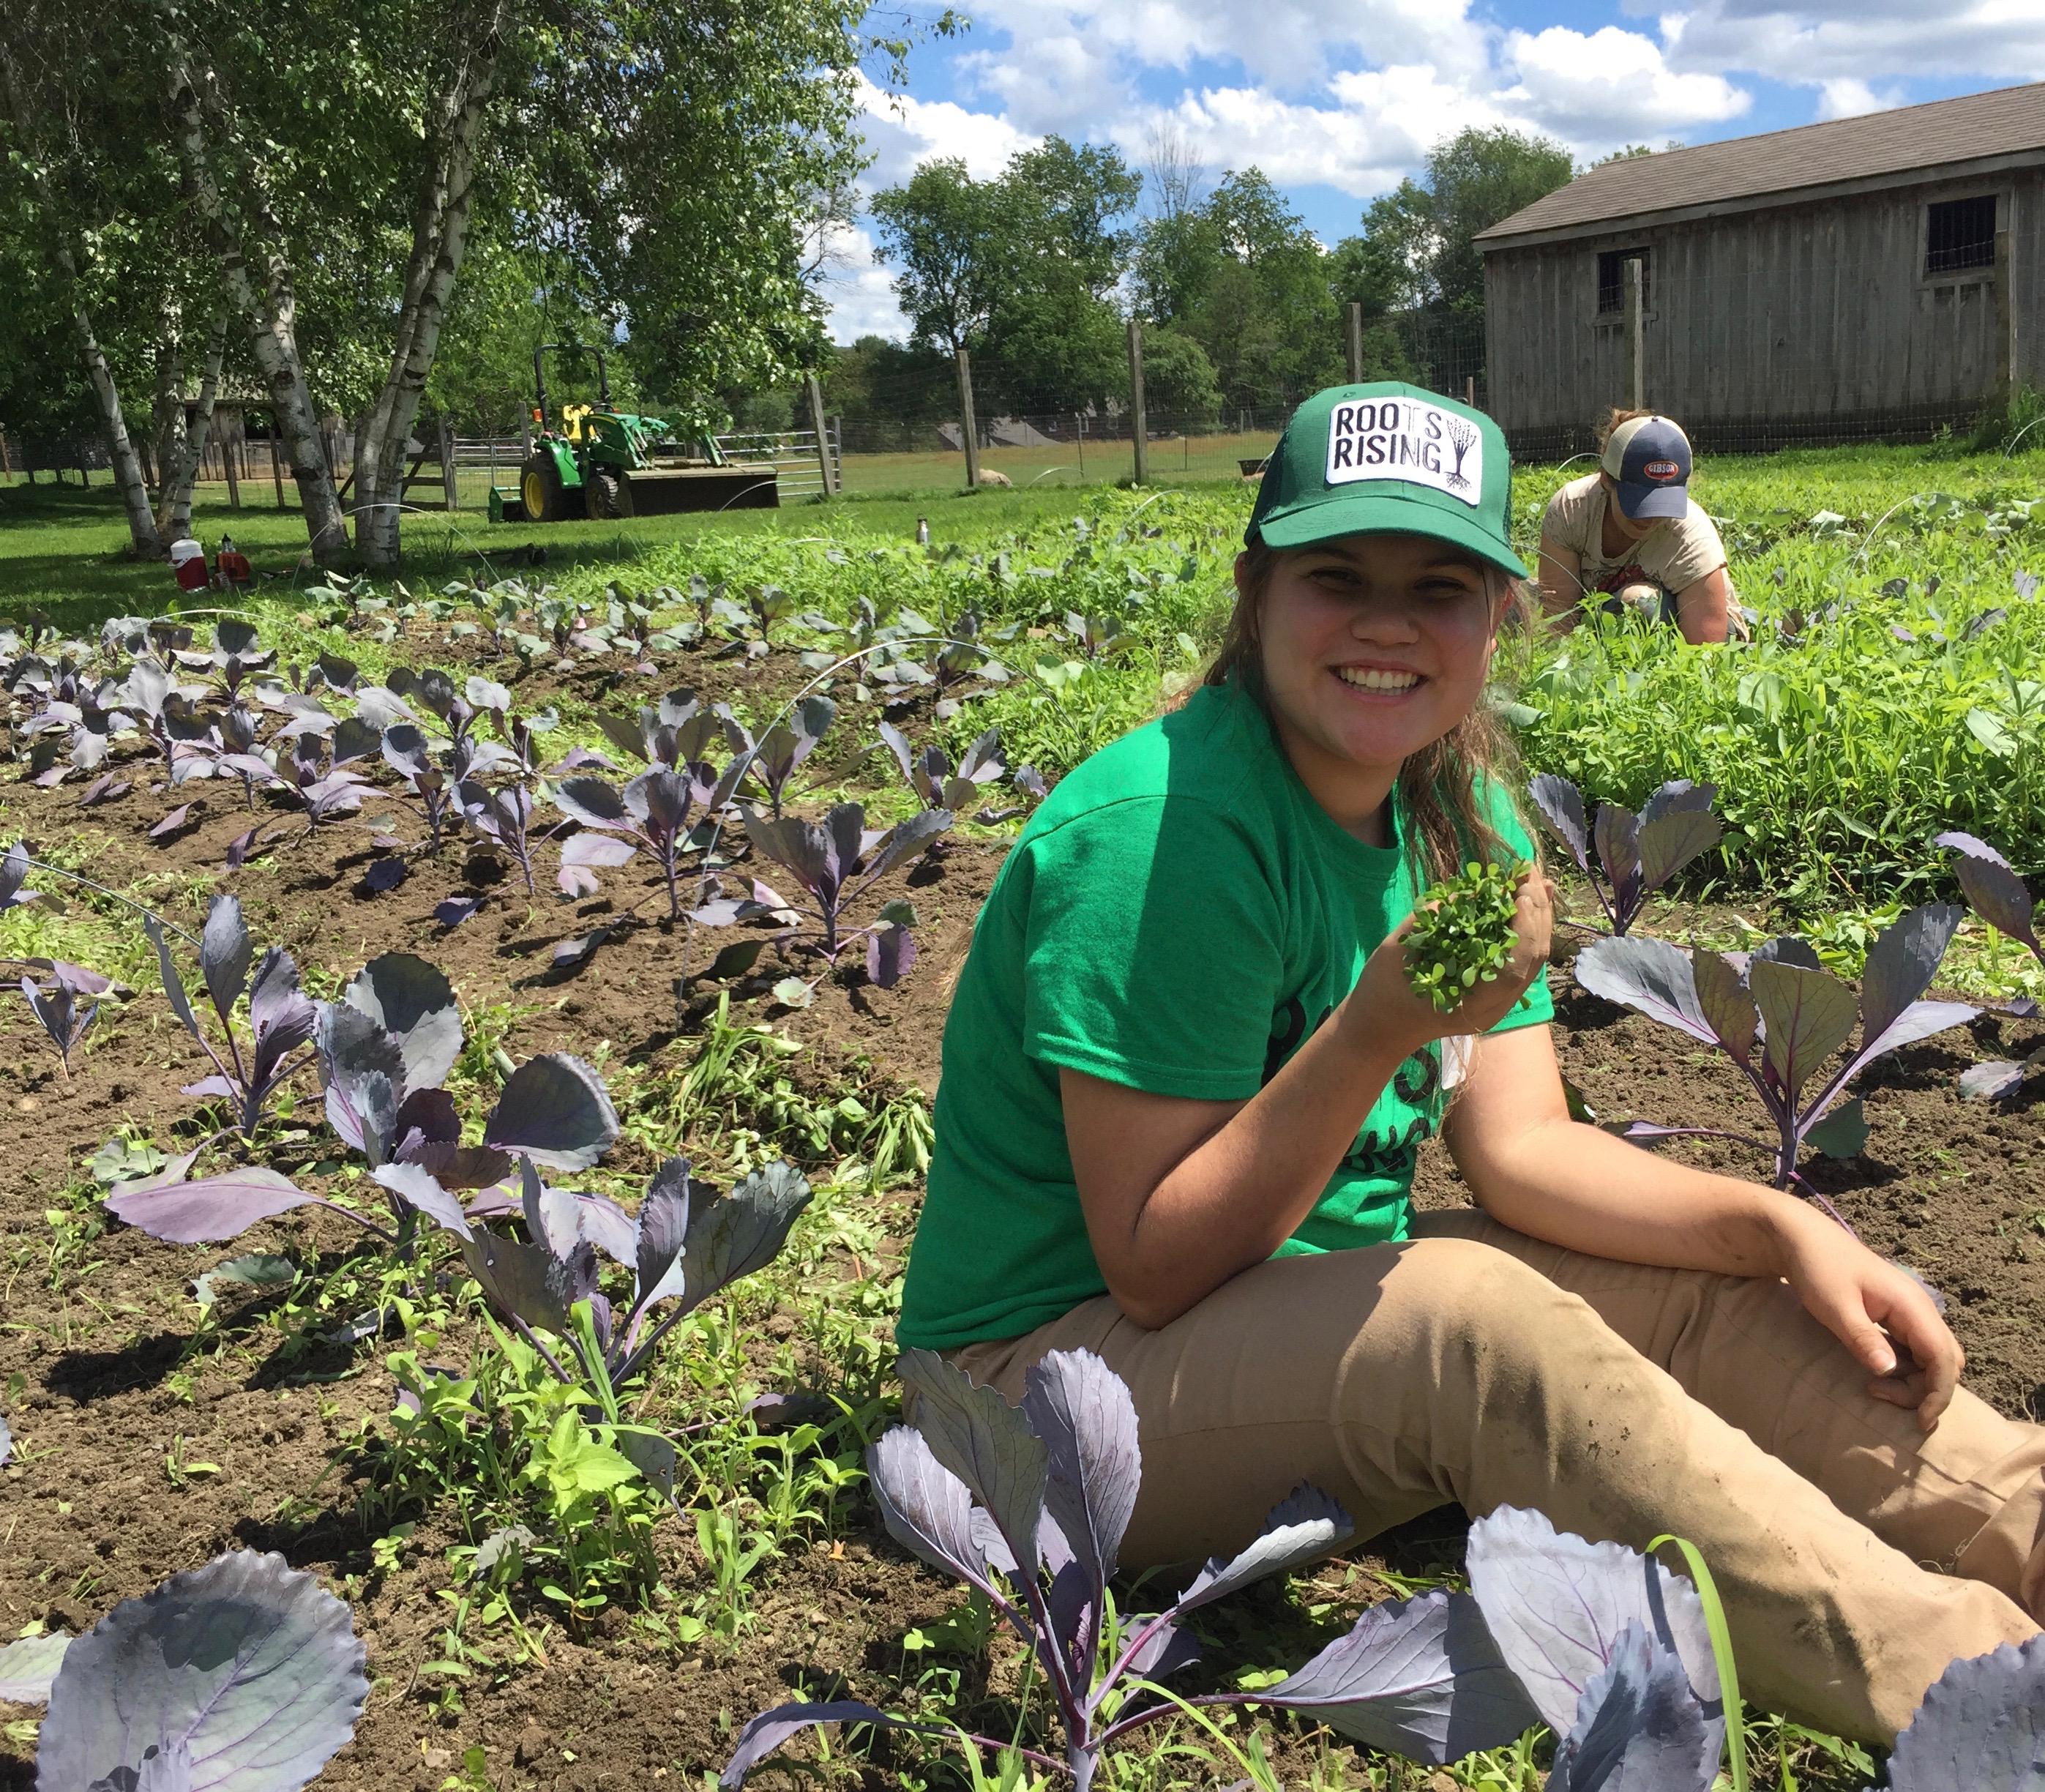 Joannda loves finding edible weeds.